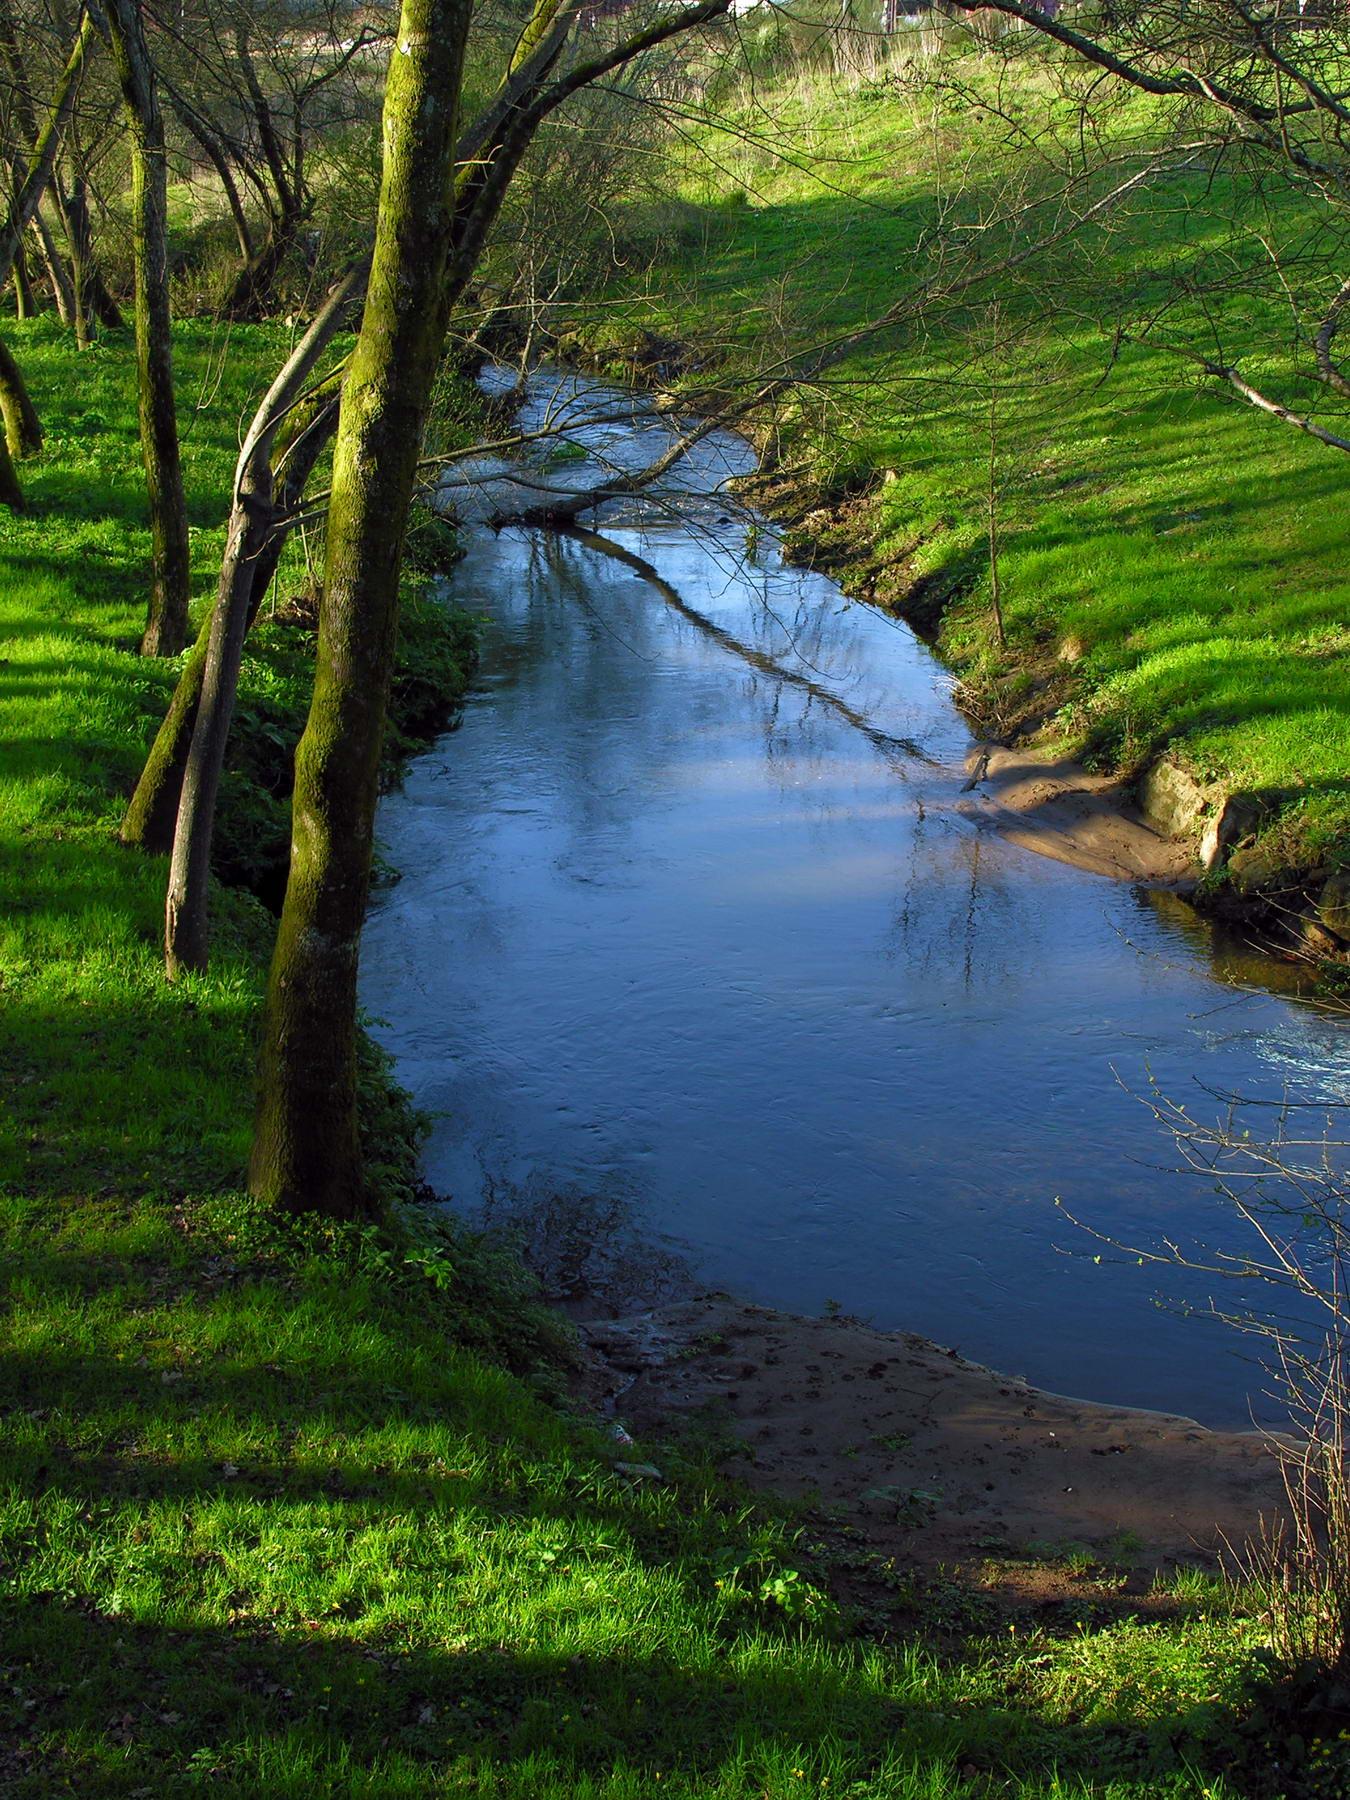 Río Sar en Galicia (España) (wikimedia.org)